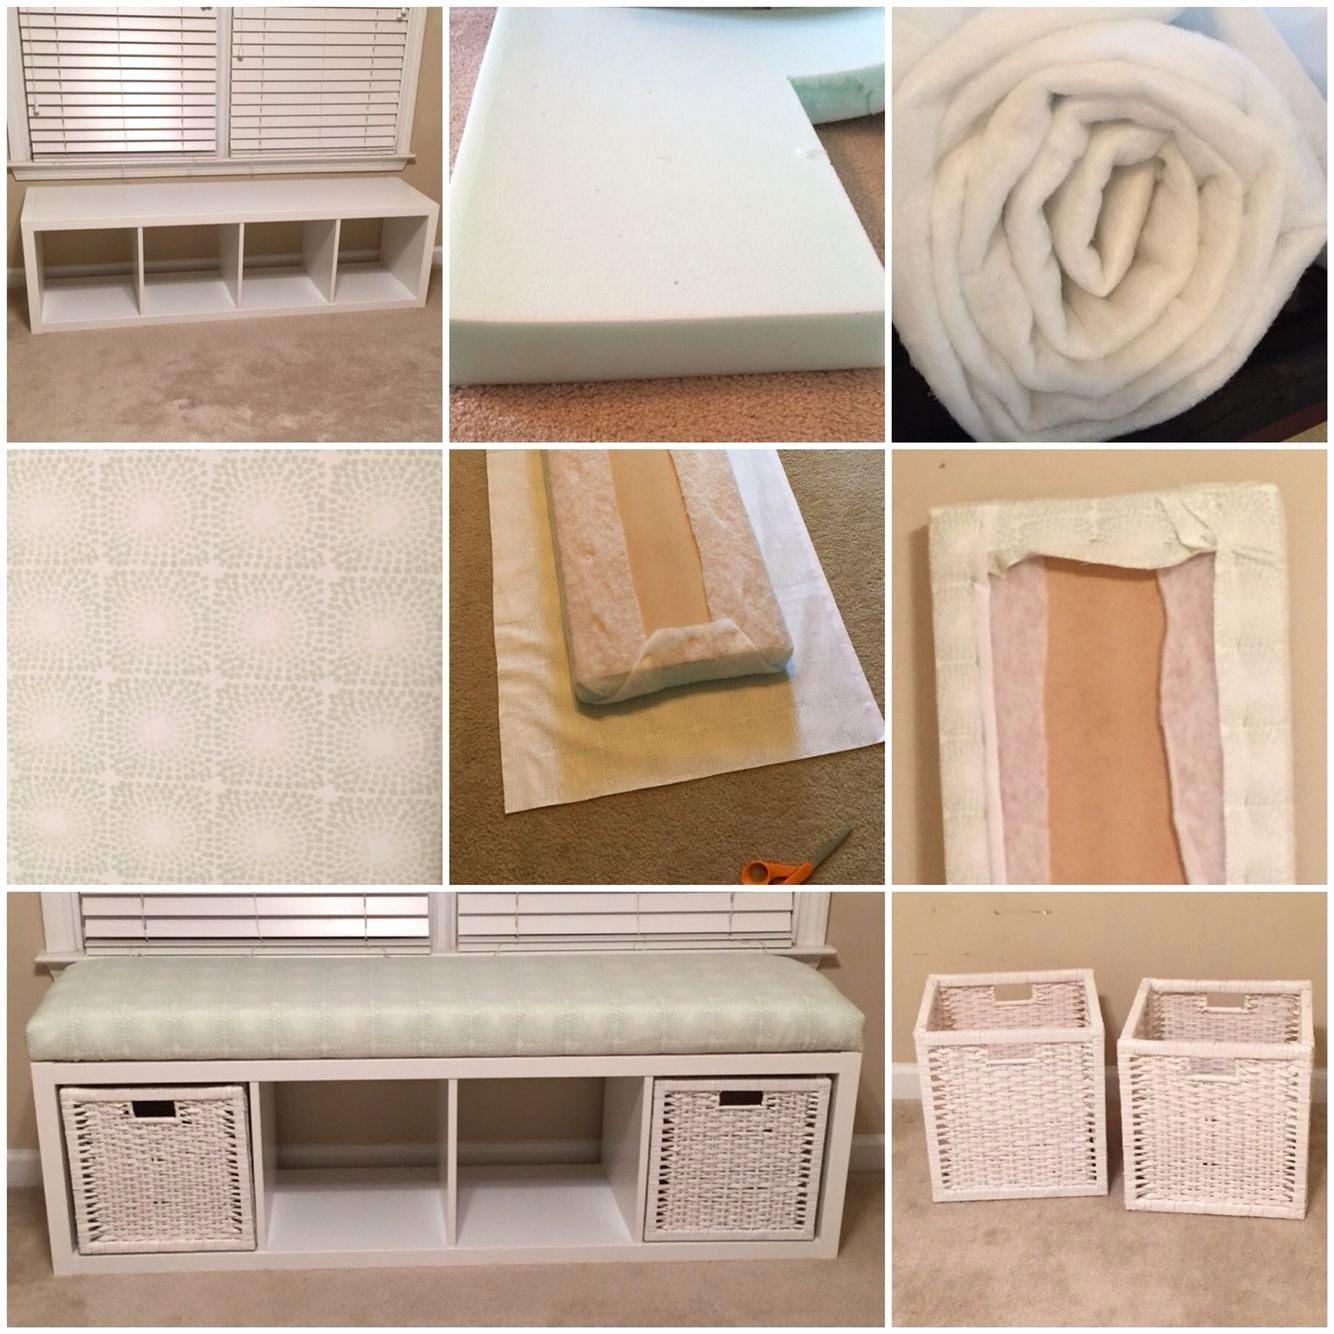 Lit Mezzanine 1 Place Charmant Lit Mezzanine 1 Place Blanc Beau Lit Mezzanine 3 Places Ikea